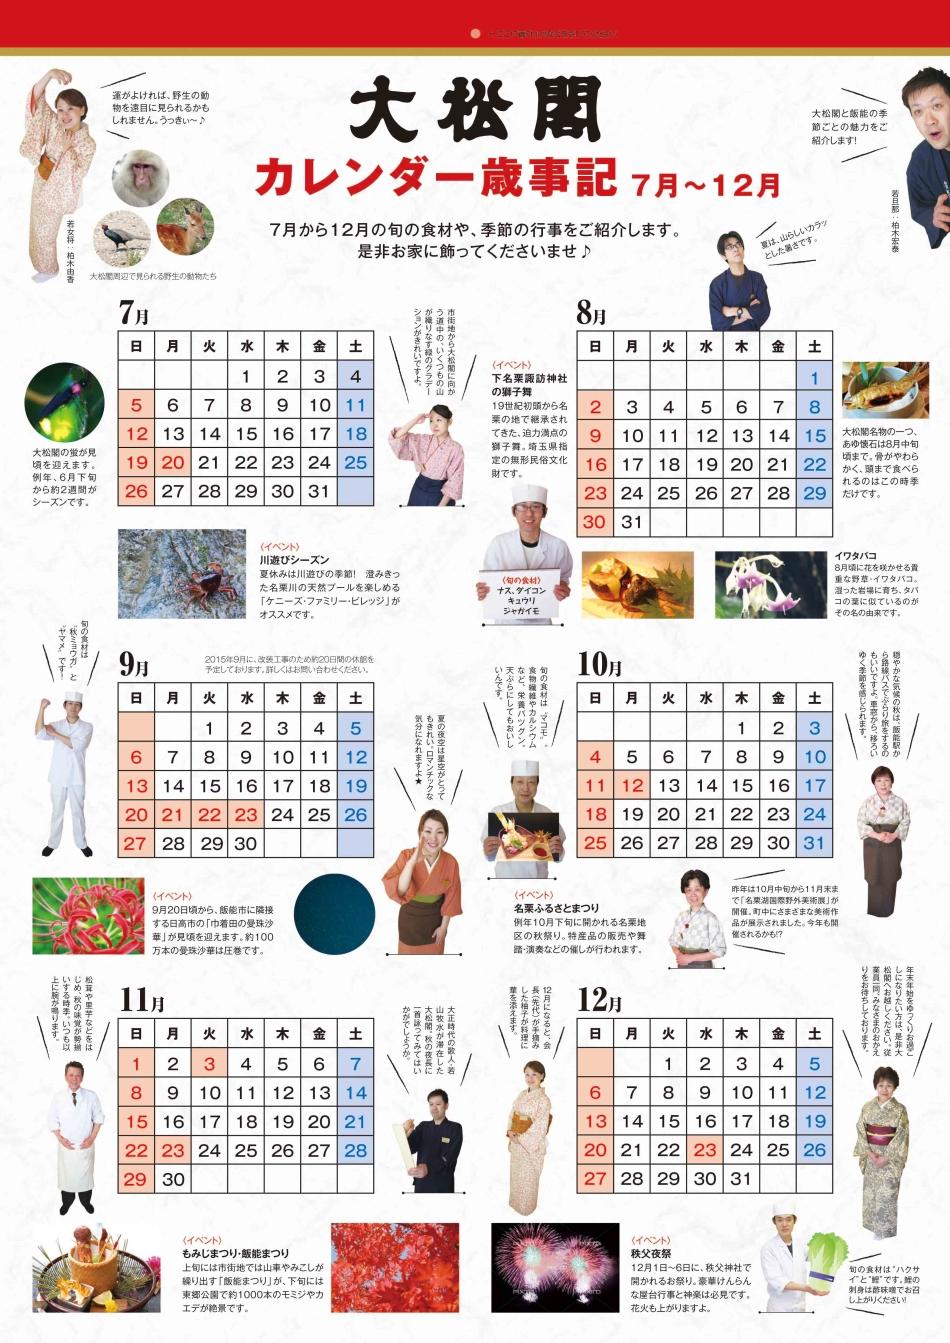 950_kawasemi05_naka_151511_02